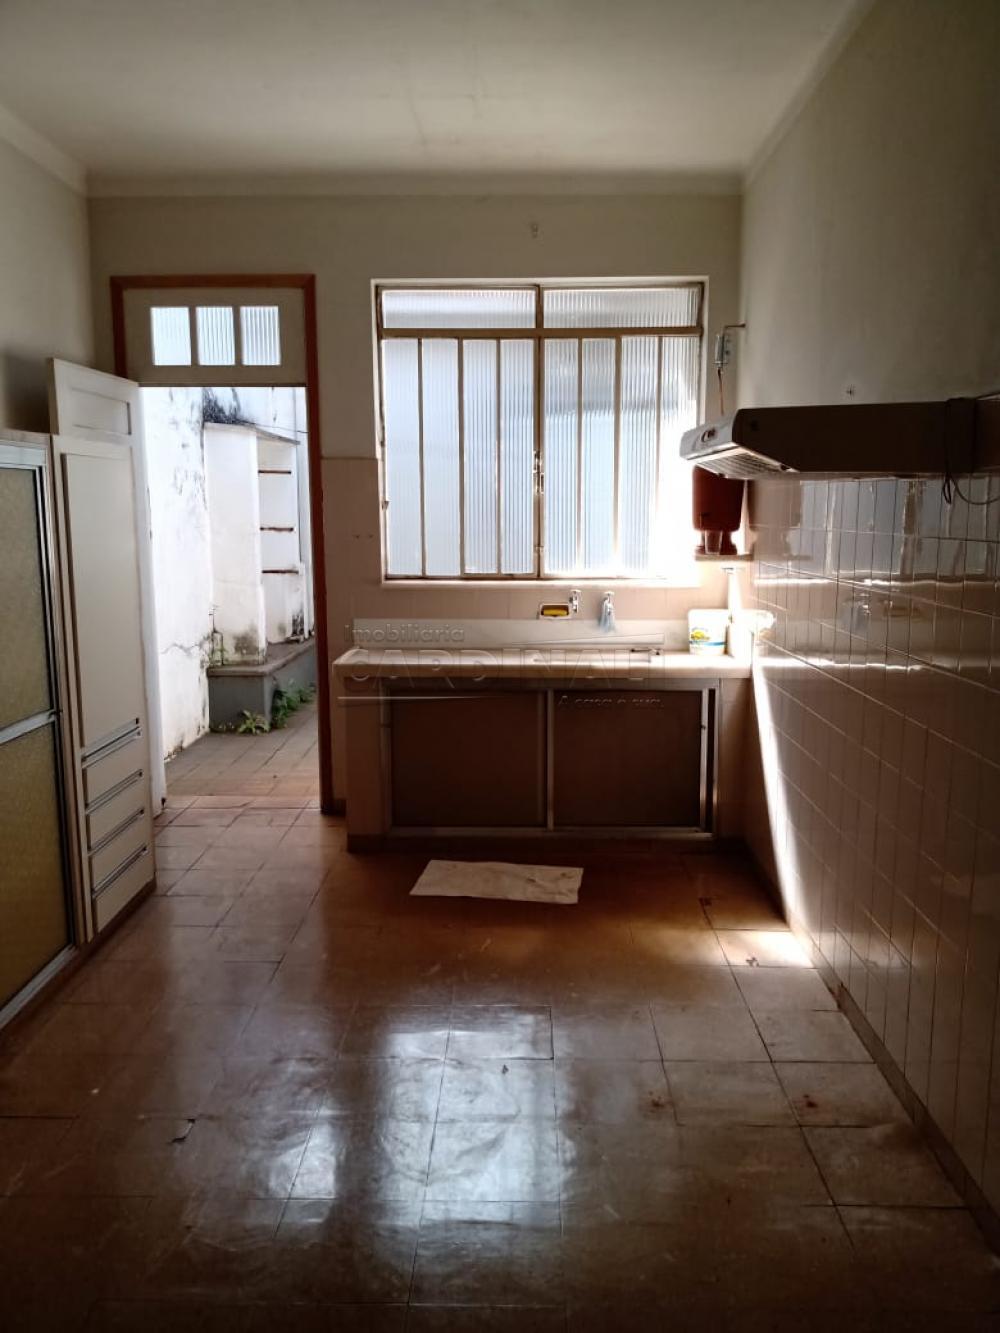 Comprar Casa / Padrão em São Carlos R$ 450.000,00 - Foto 5